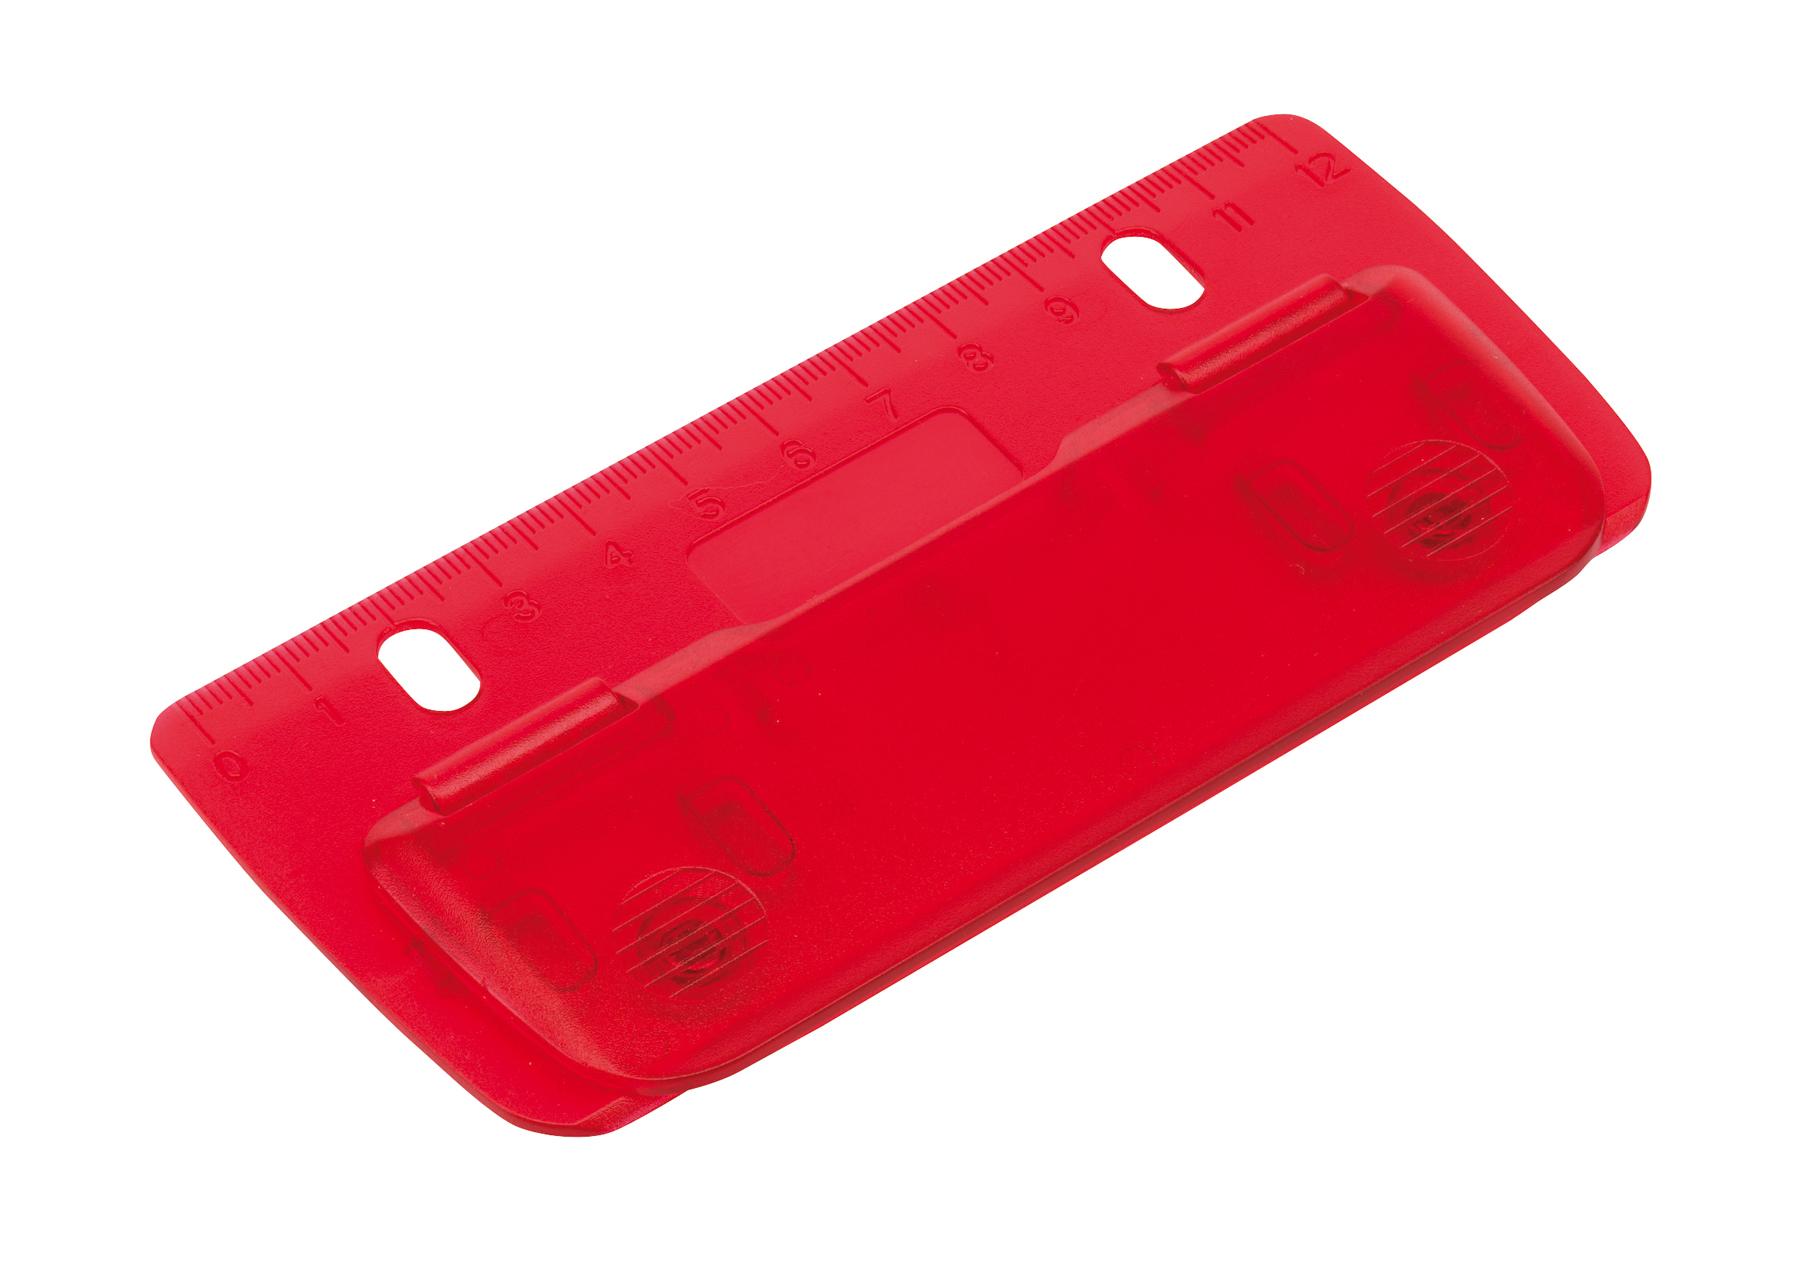 Mini dziurkacz PAGE, czerwony